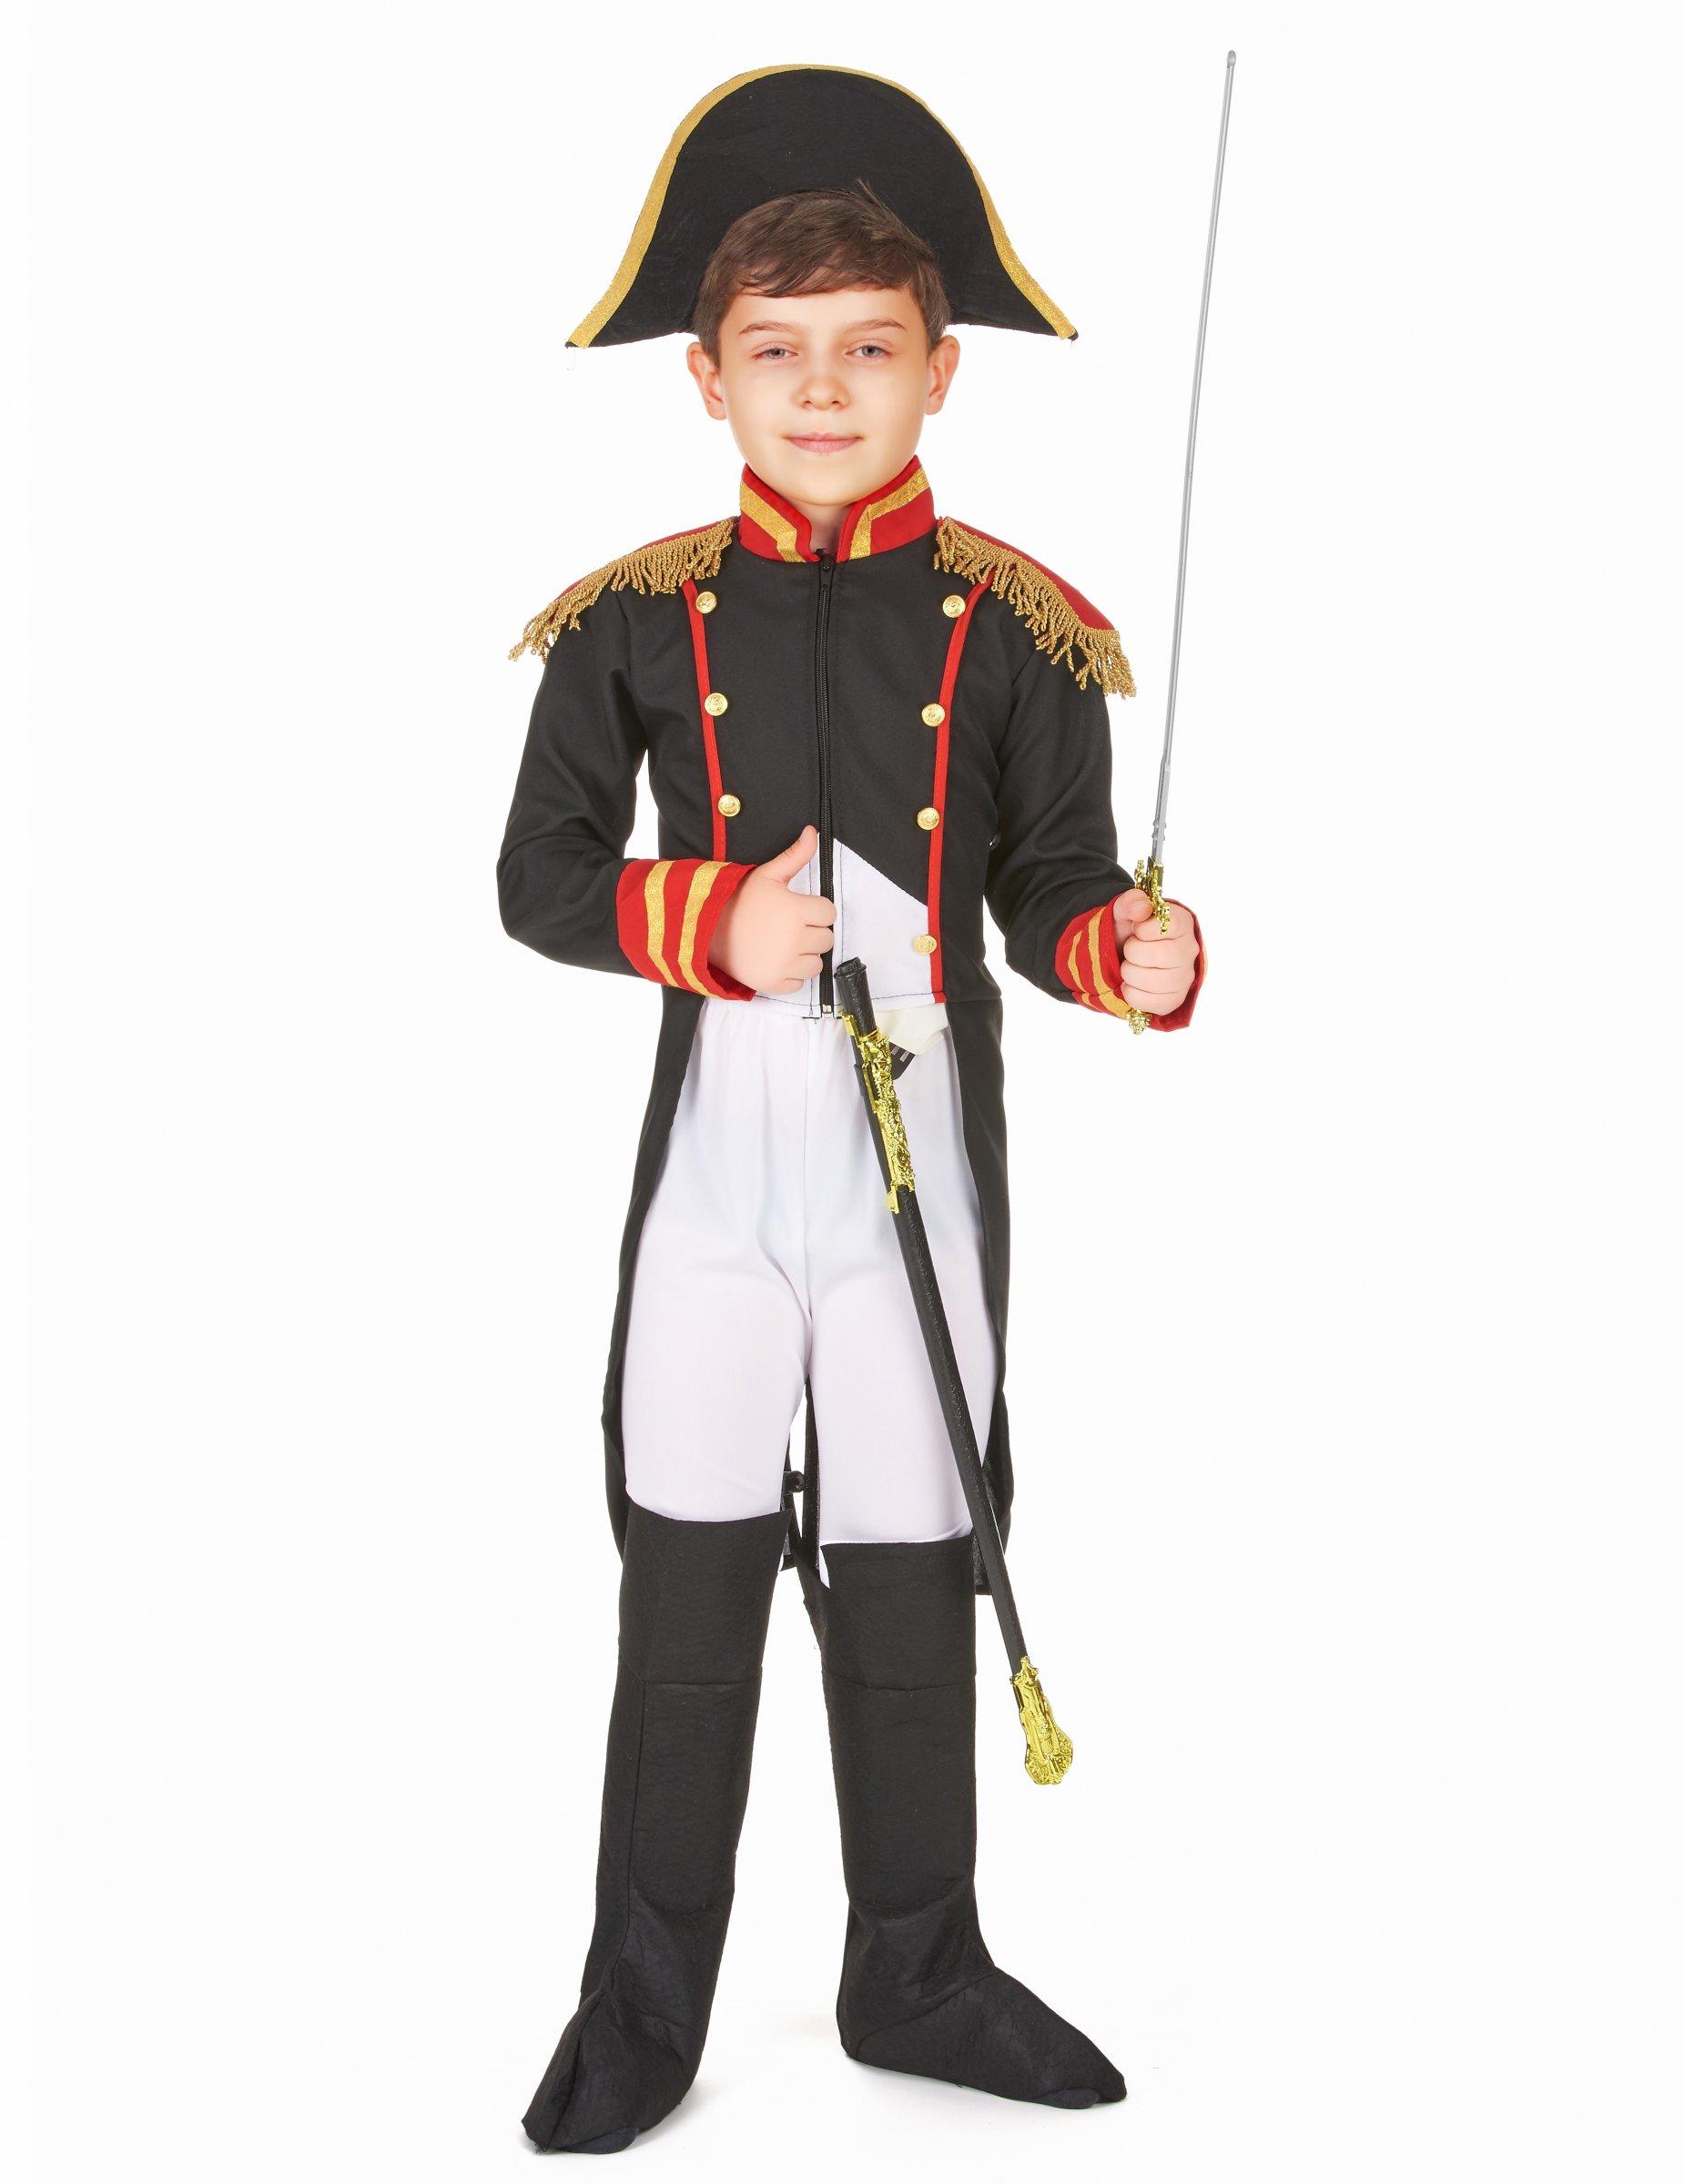 imbattuto x fashion style codici promozionali Uniformi e divise per bambini per travestimenti di Carnevale ...